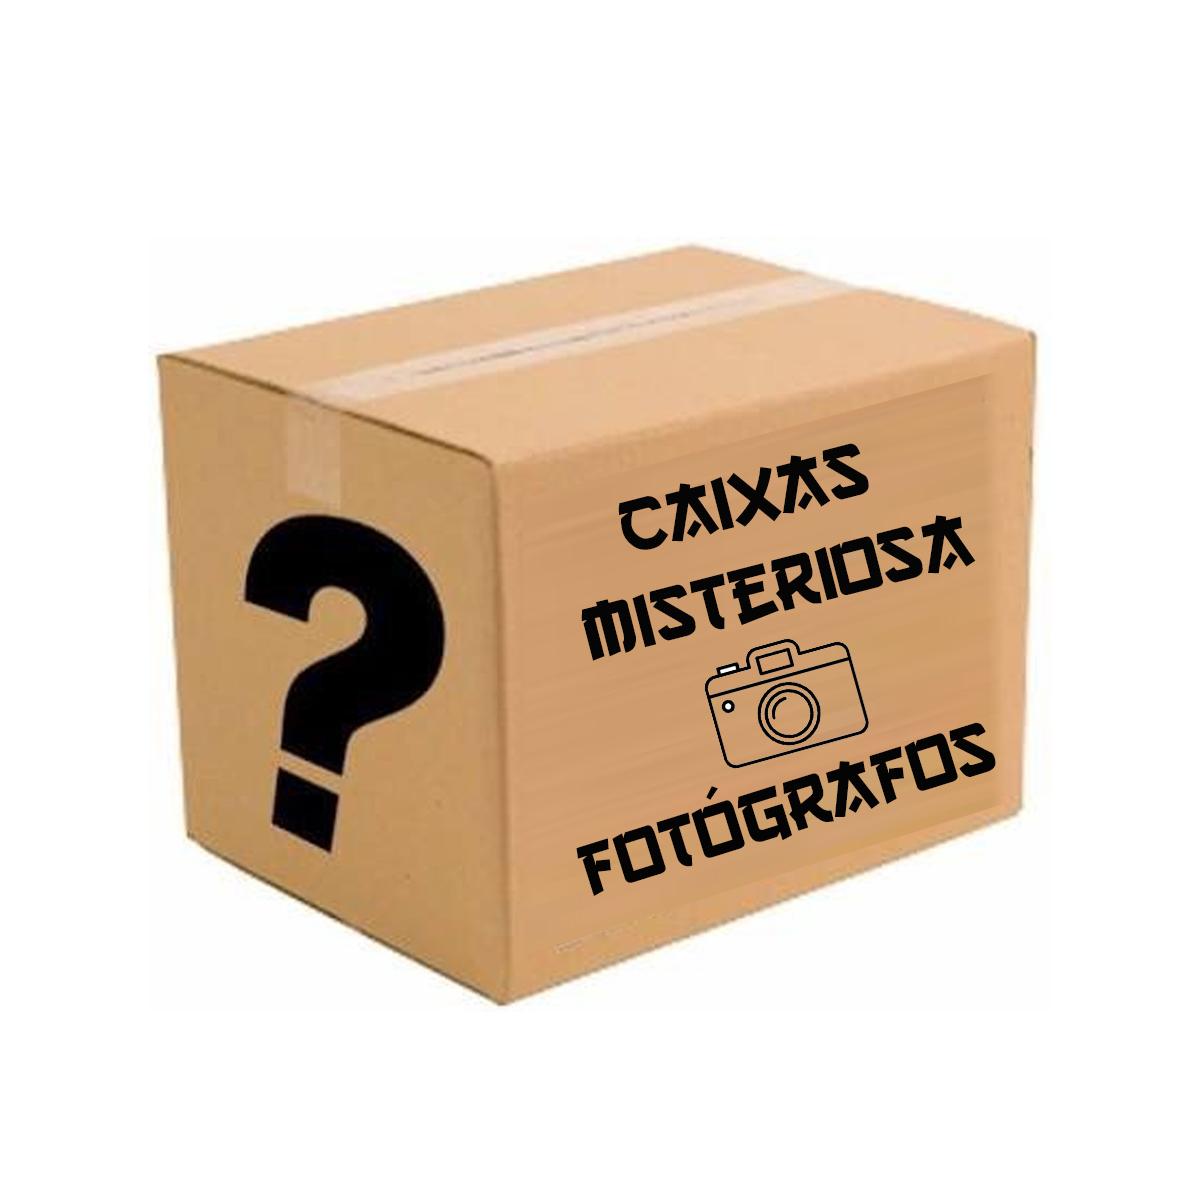 Caixa Misteriosa Retrô Produtos Artesanais Para Presentes